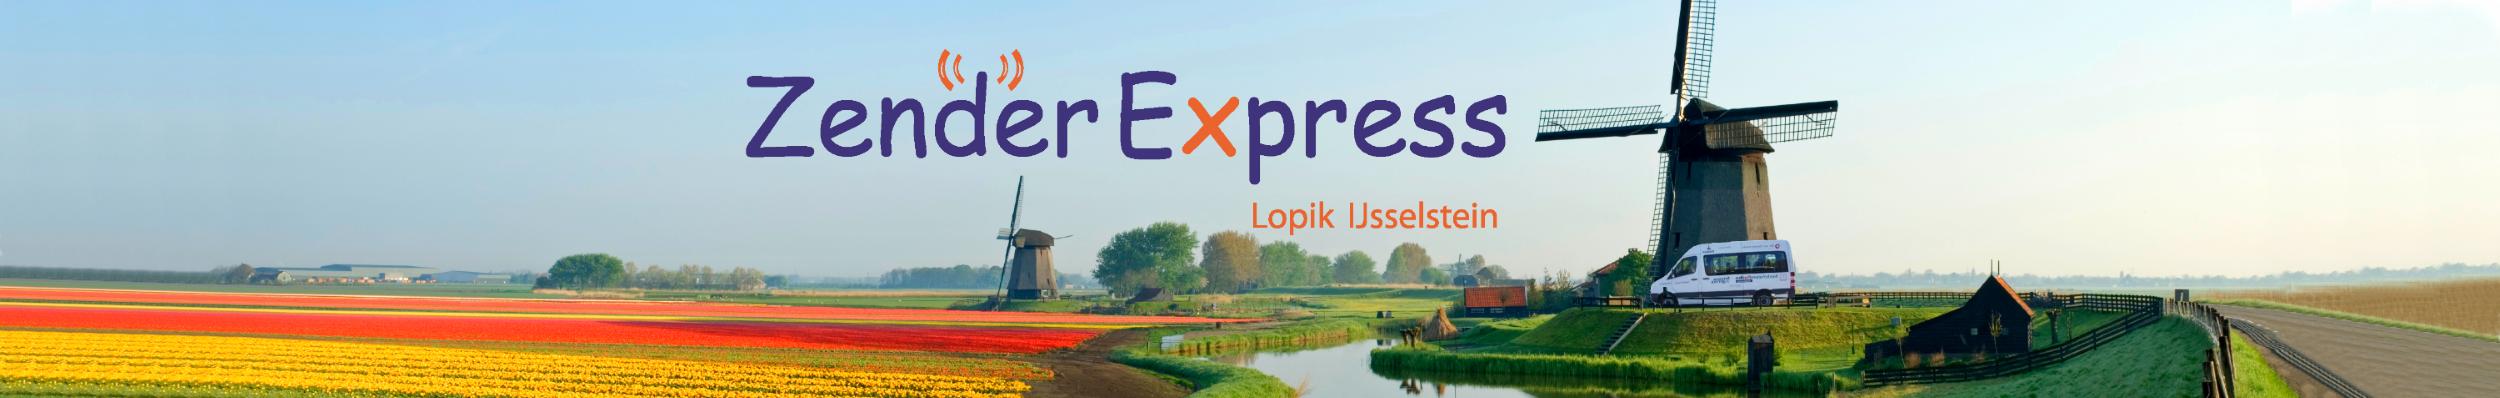 Zender express